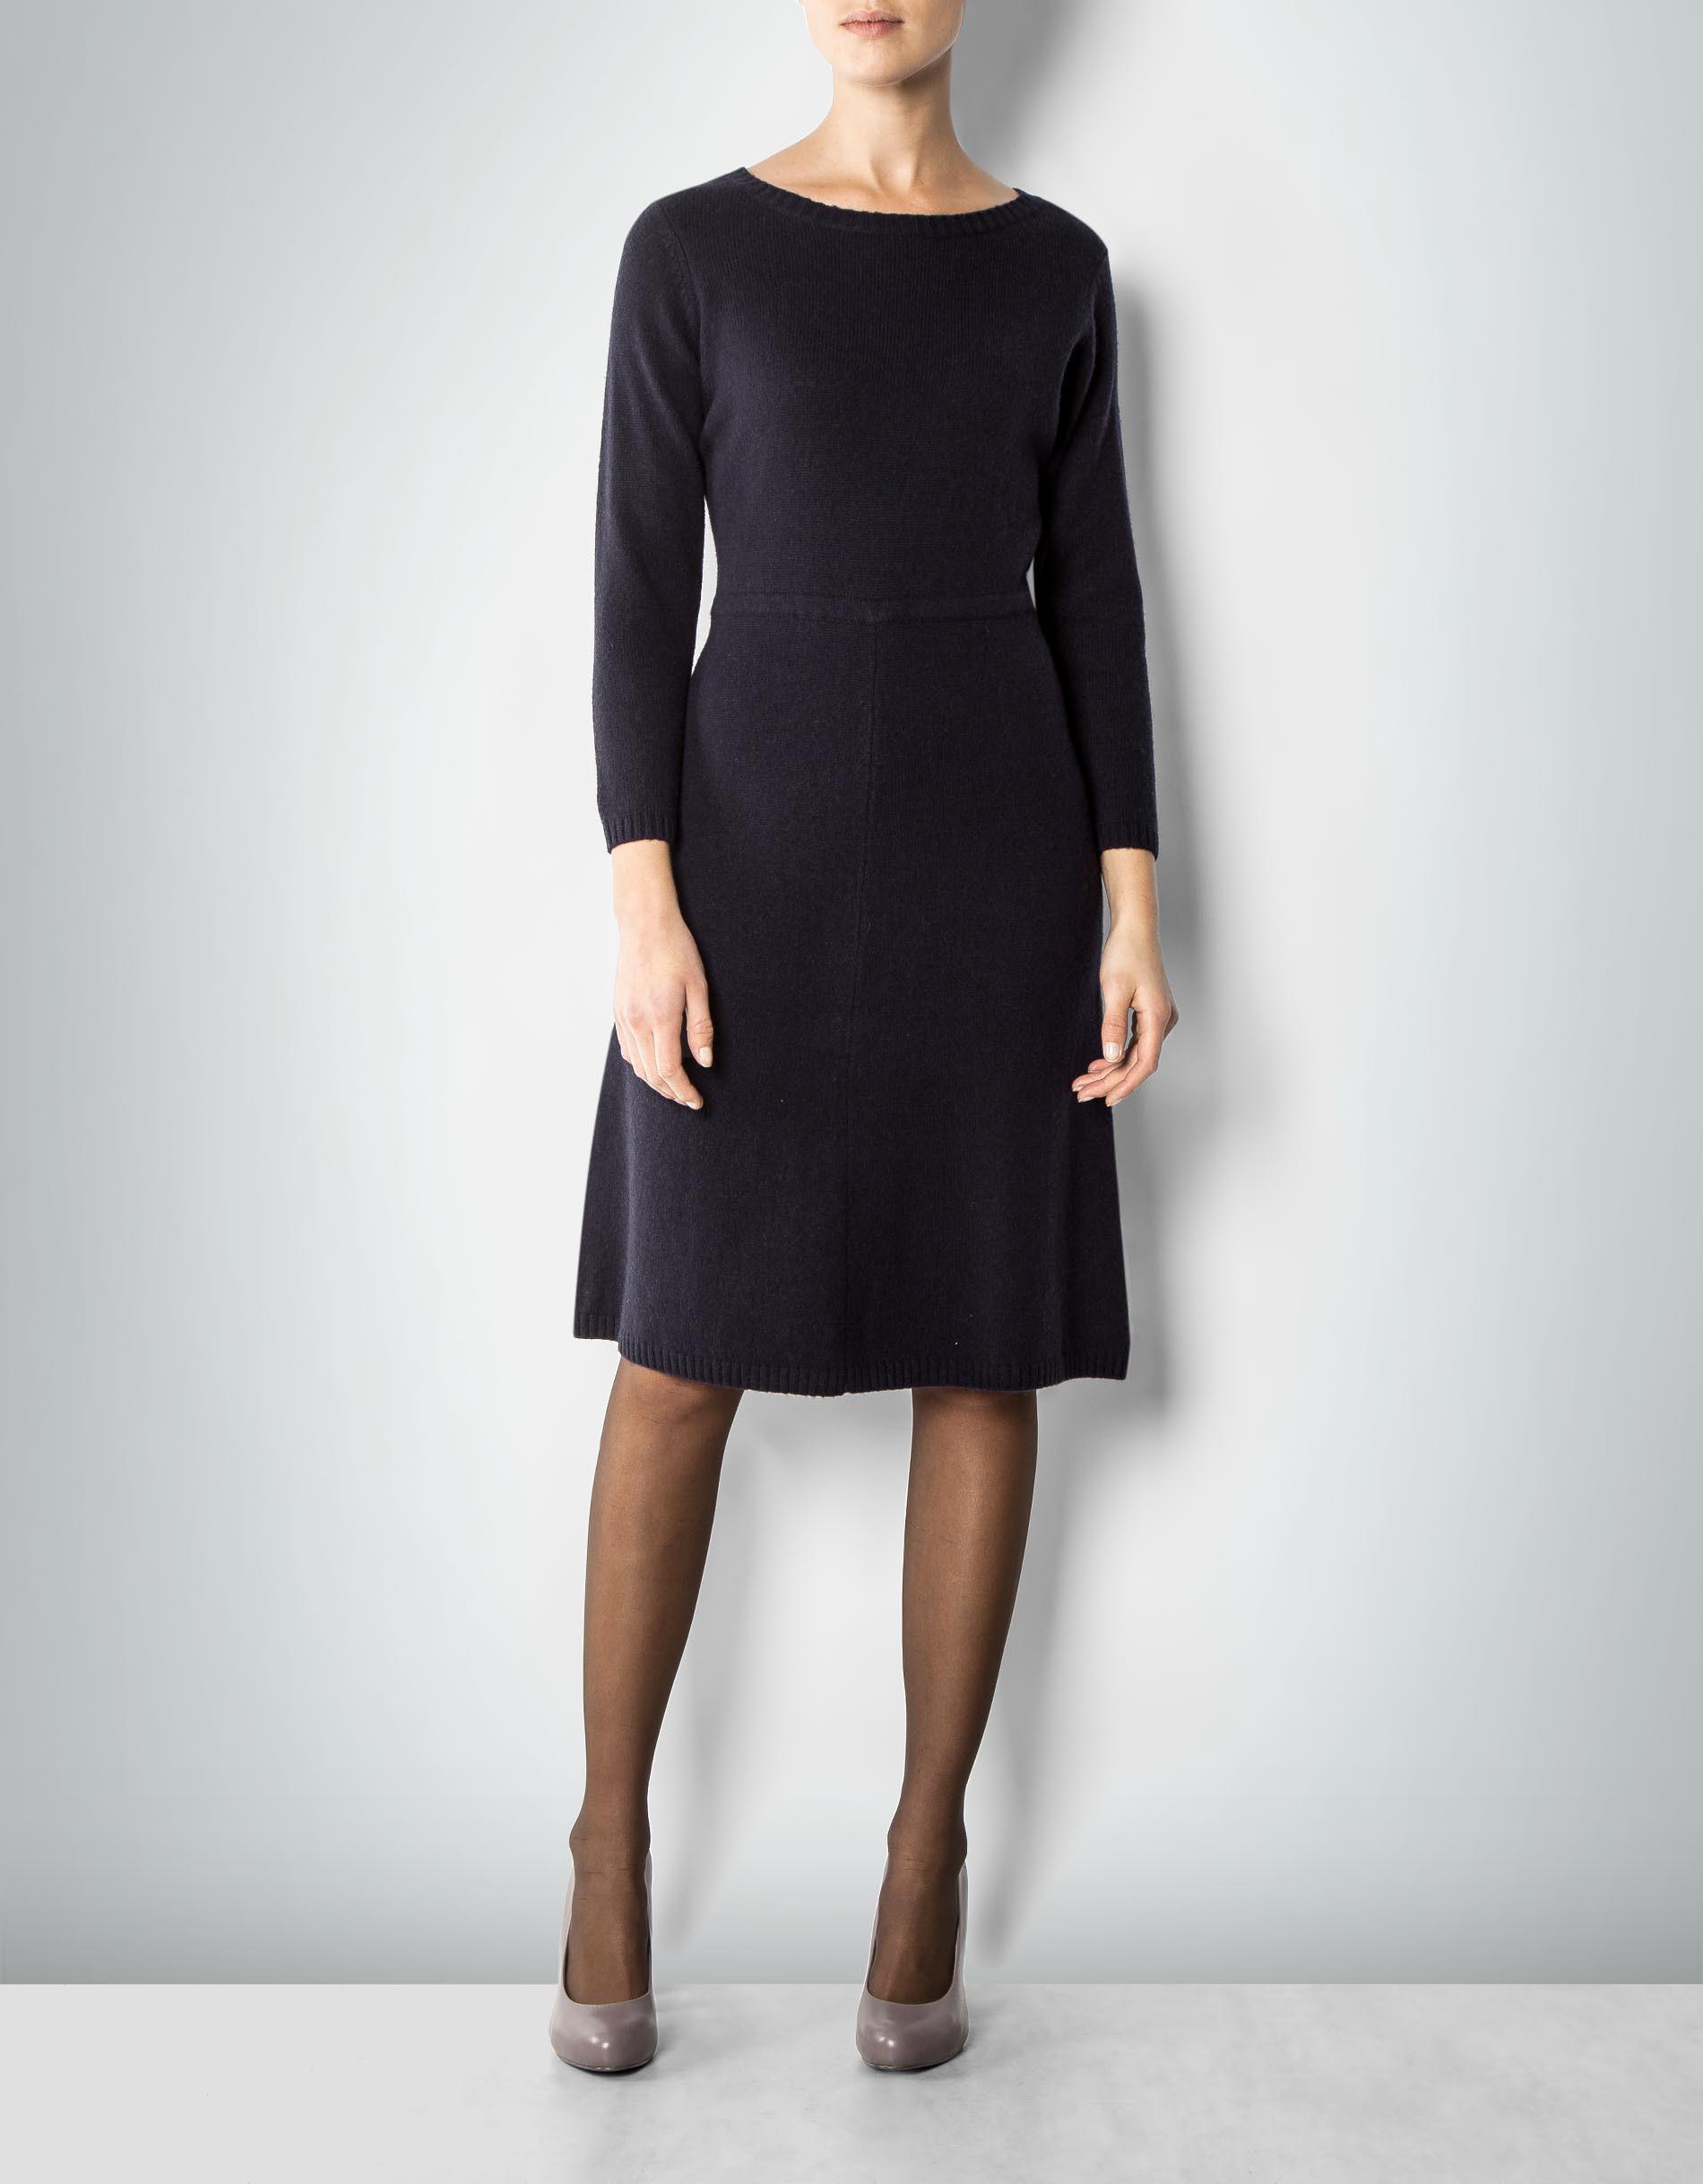 Gant Damen Strickkleid Kleid Aus Wolle Empfohlen Von